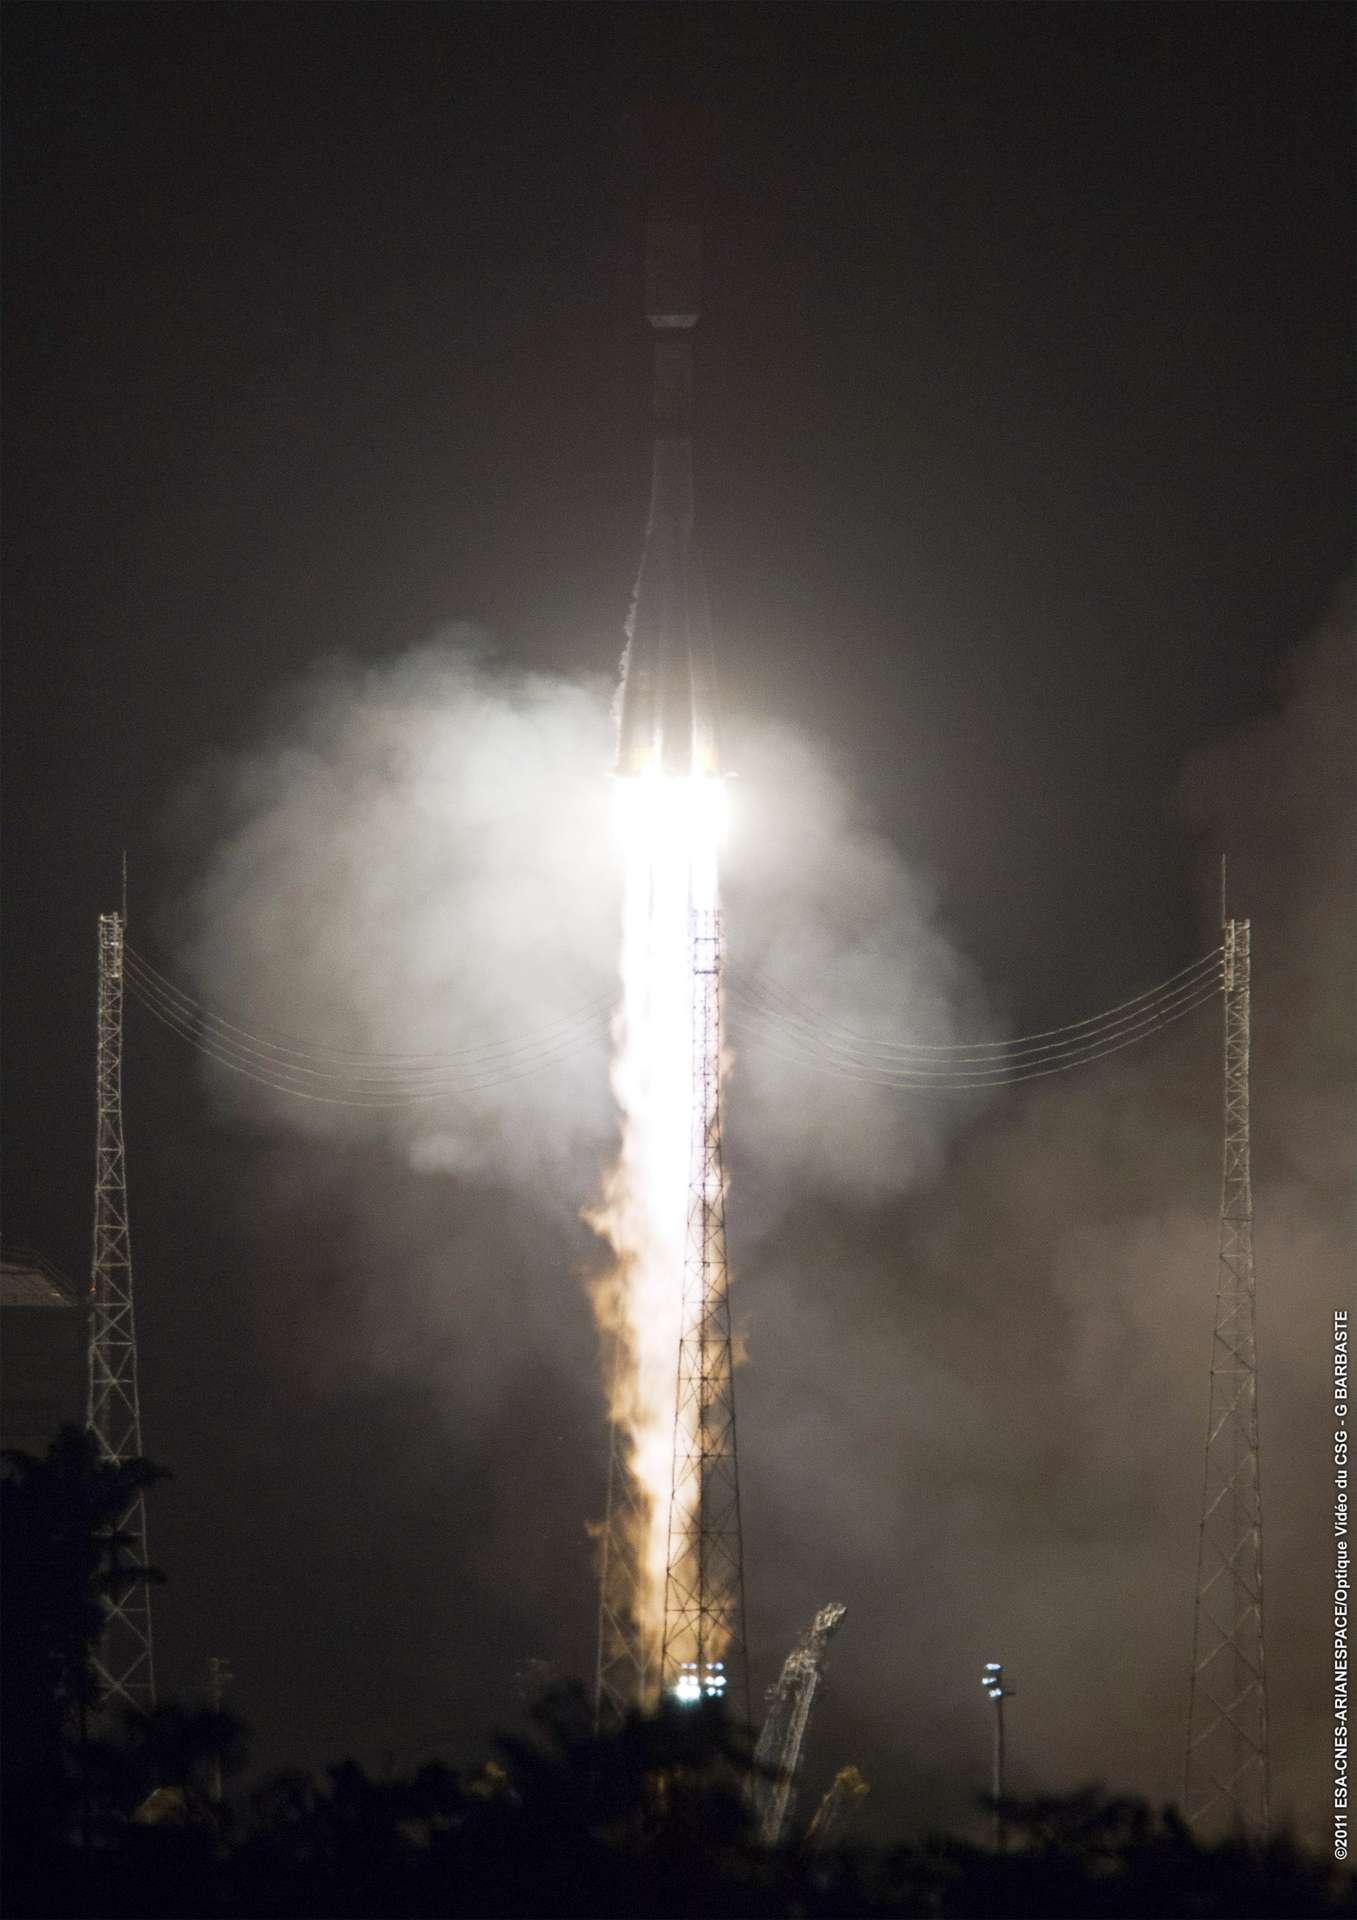 Deuxième mission et deuxième succès pour le lanceur russe Soyouz qui a décollé de son nouvel Ensemble de lancement Soyouz au Centre spatial guyanais, situé sur la commune de Sinnamary. © Esa/Cnes/Arianespace-Service Optique CSG